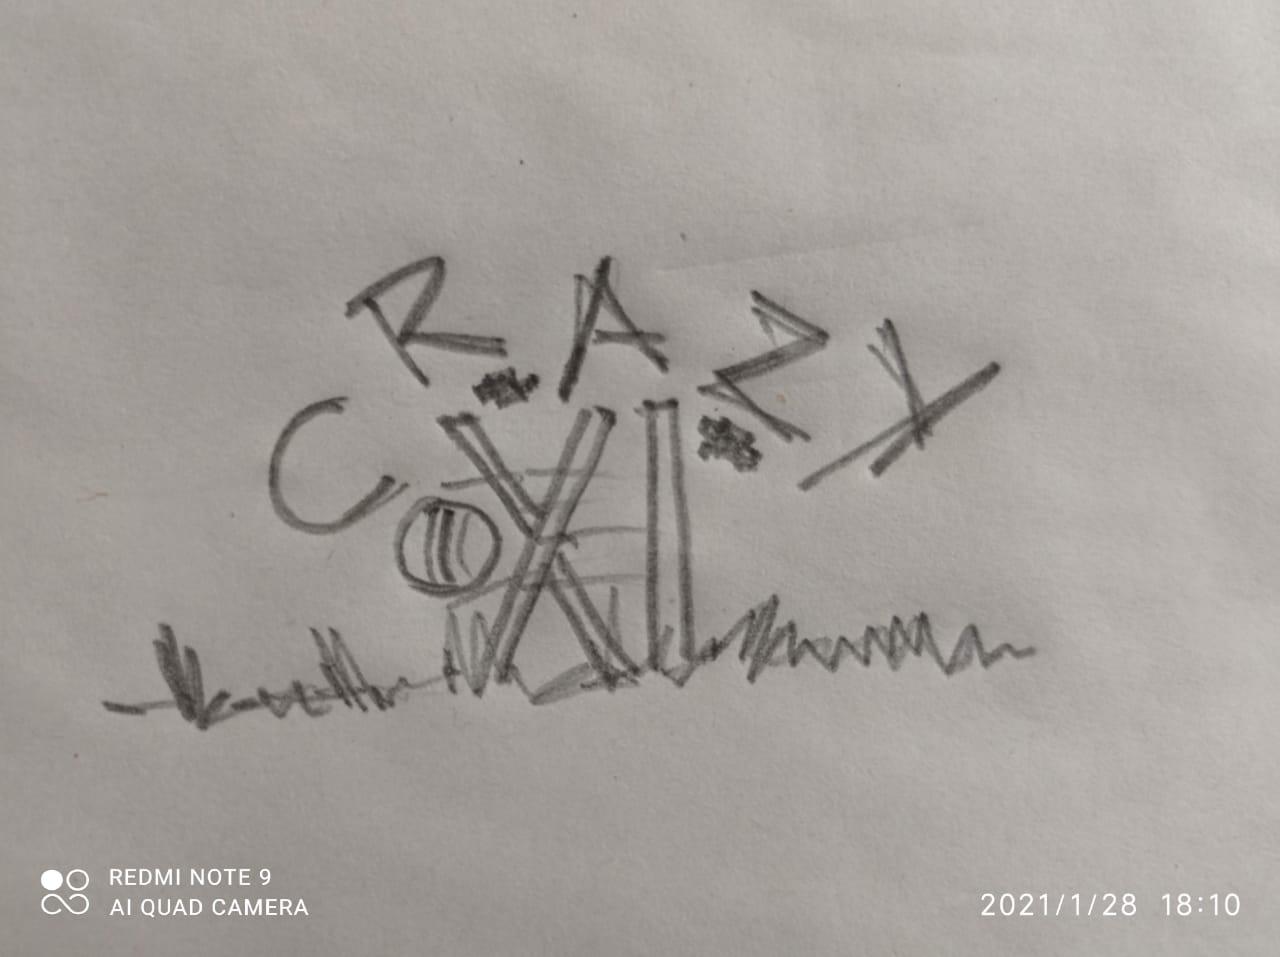 CRAZY XI